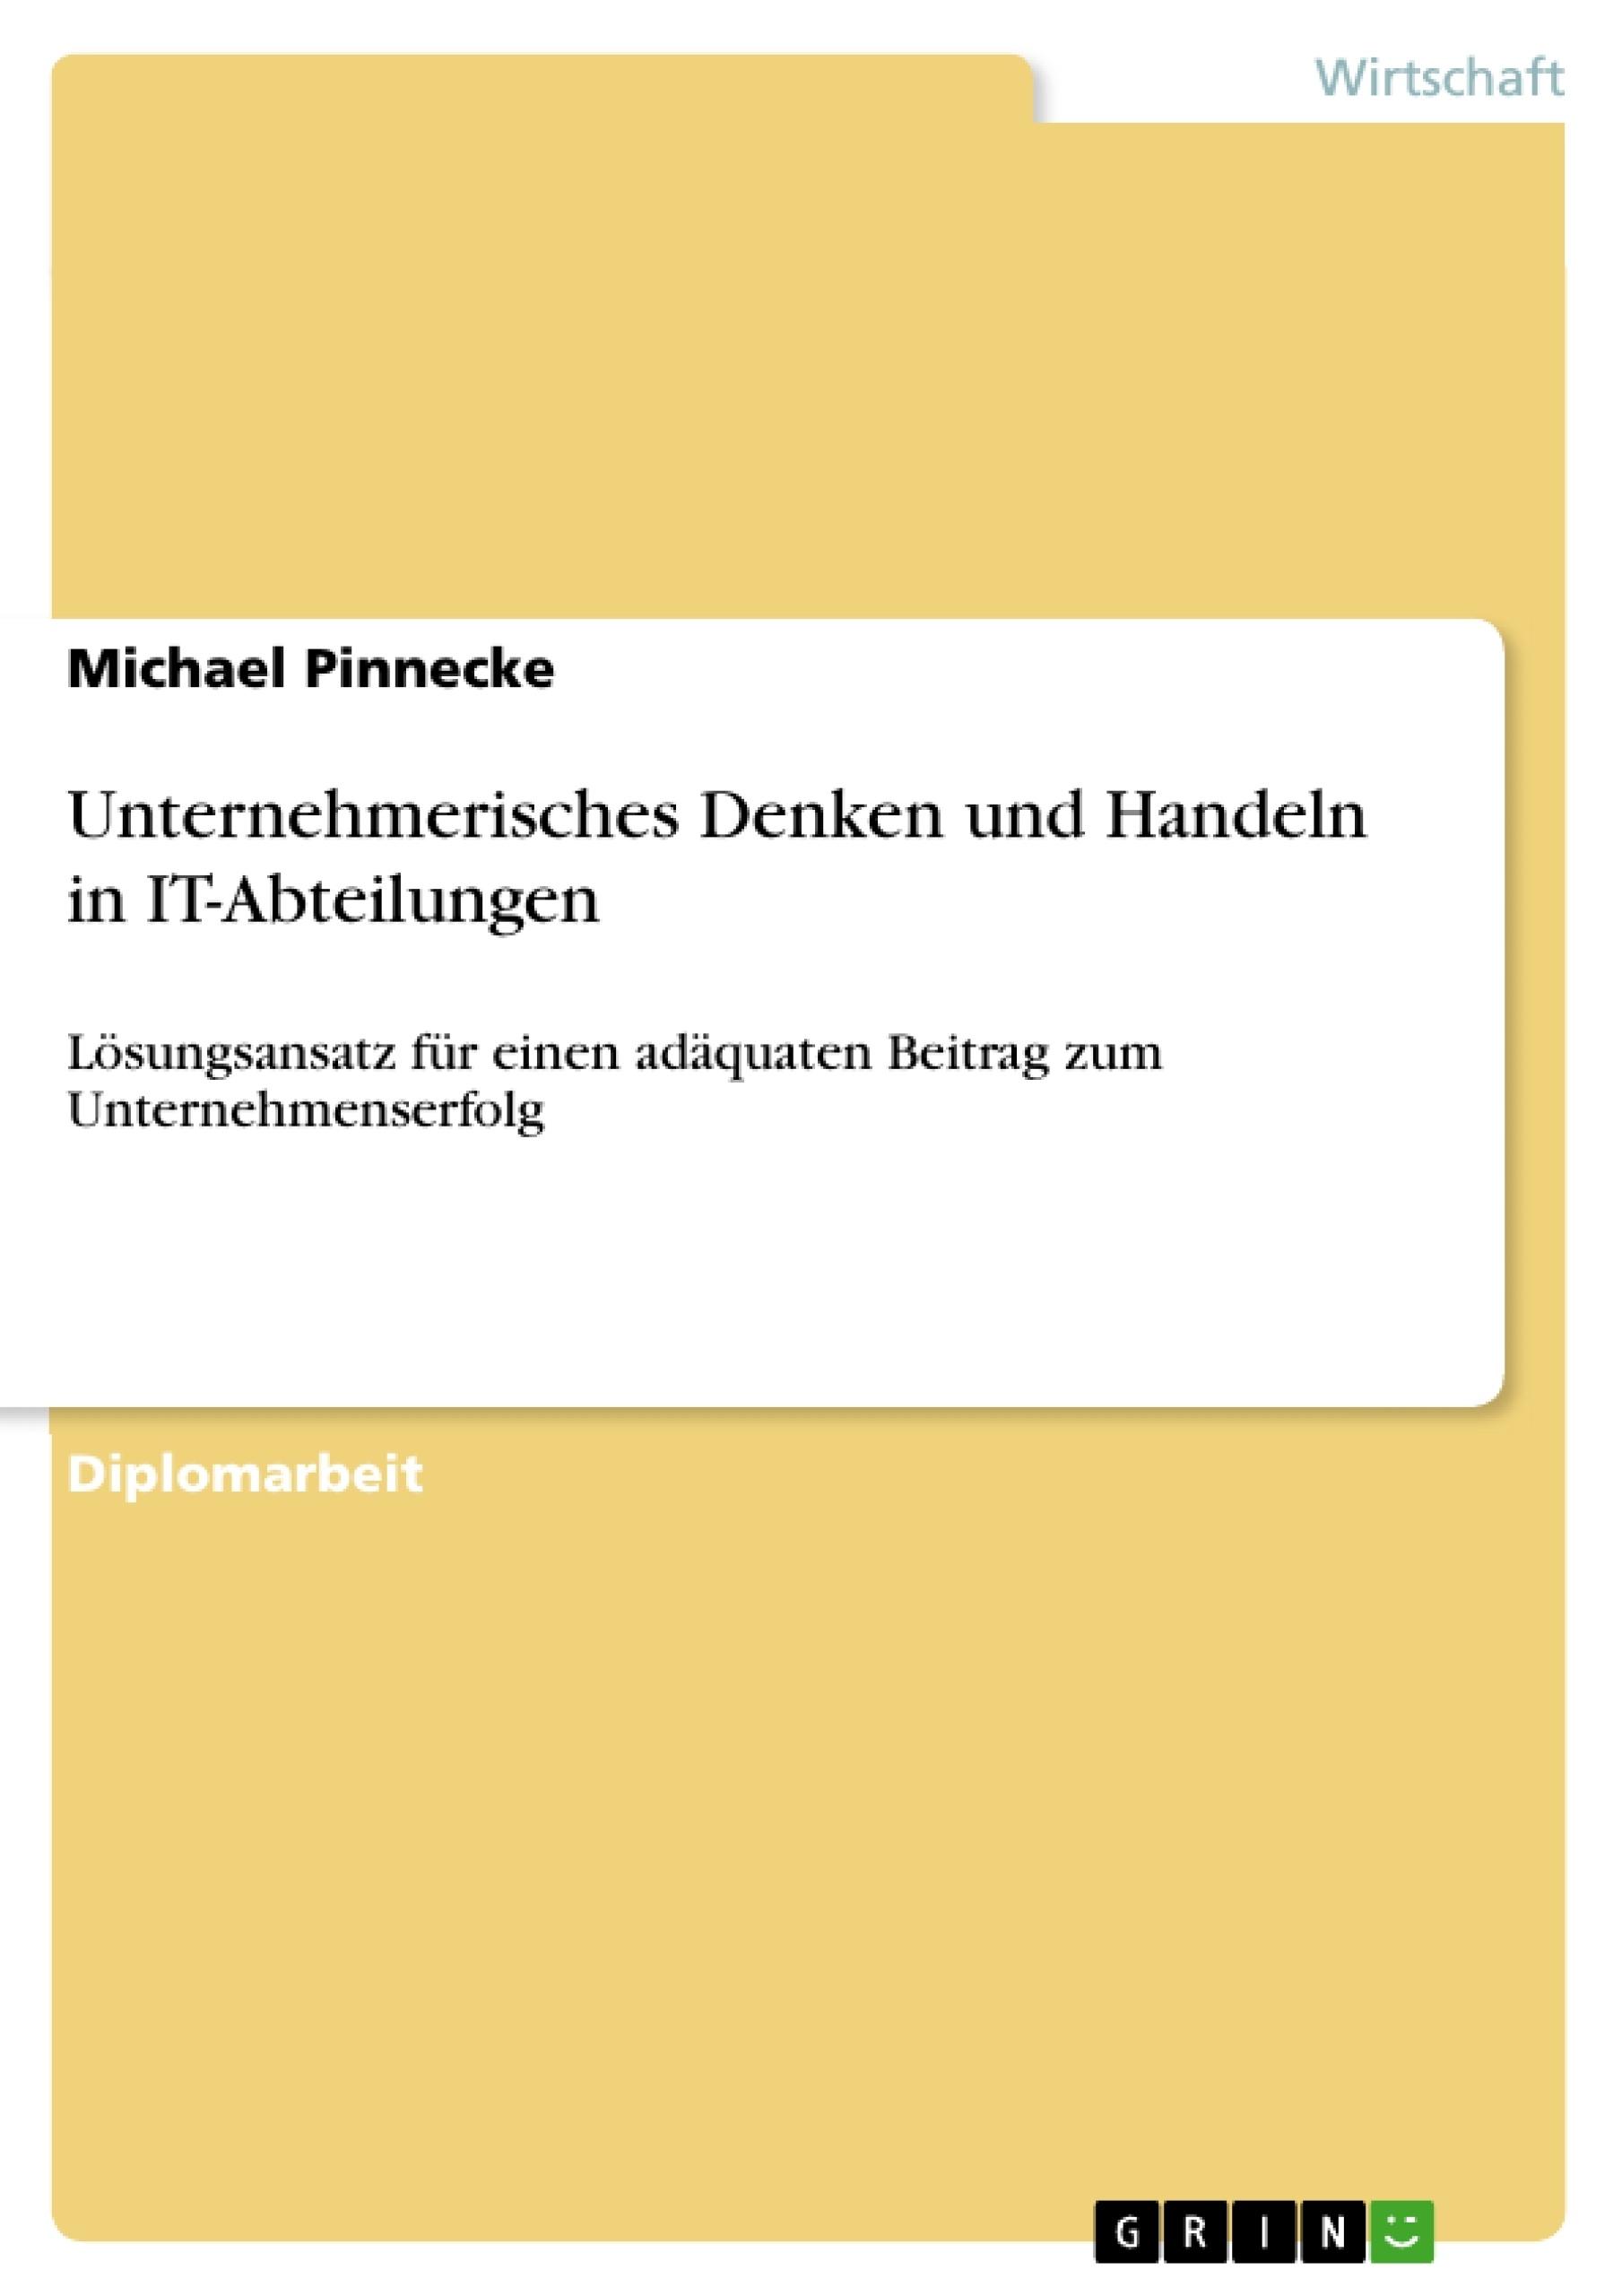 Titel: Unternehmerisches Denken und Handeln in IT-Abteilungen